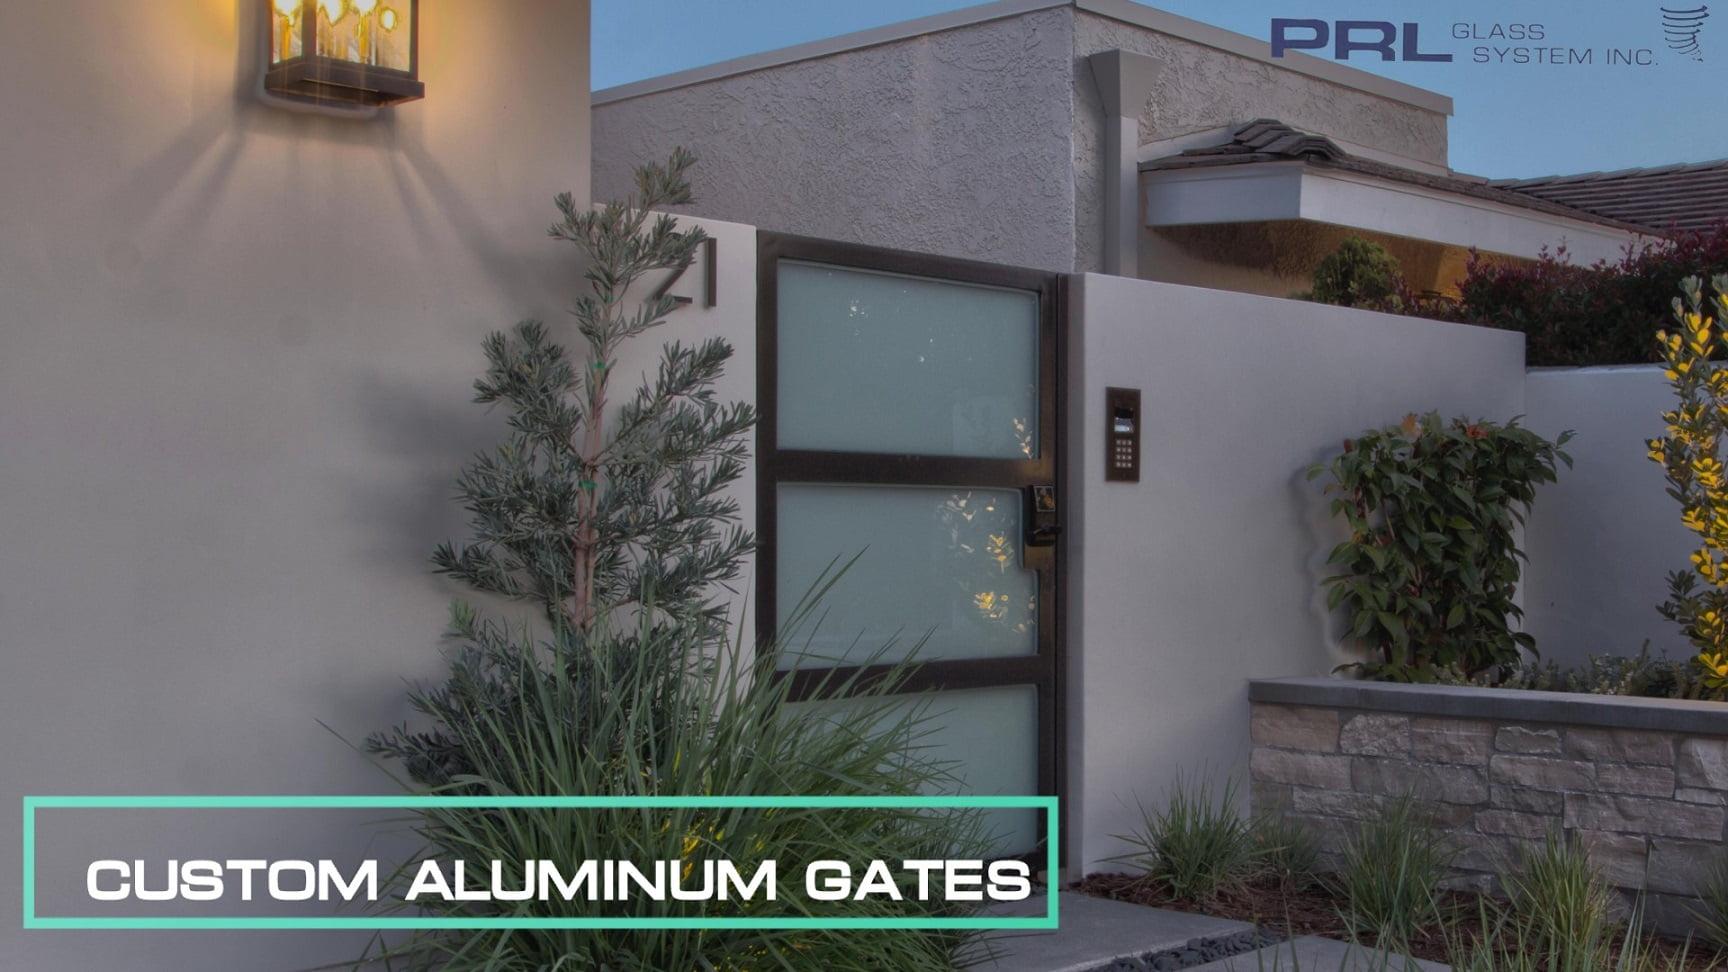 Custom Aluminum Gates Video